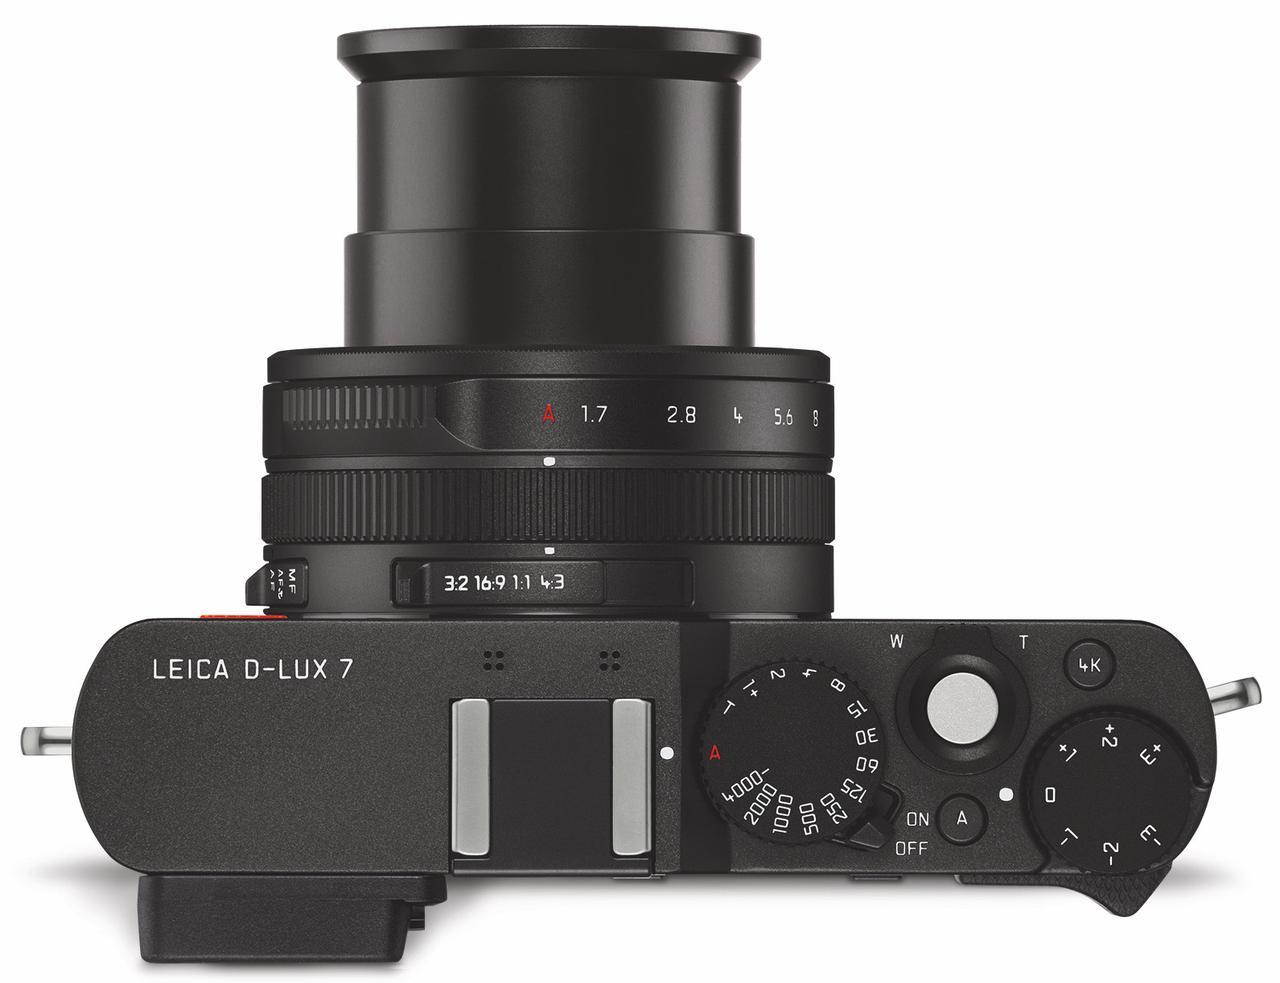 画像2: ライカD-LUX7にブラックモデルを追加